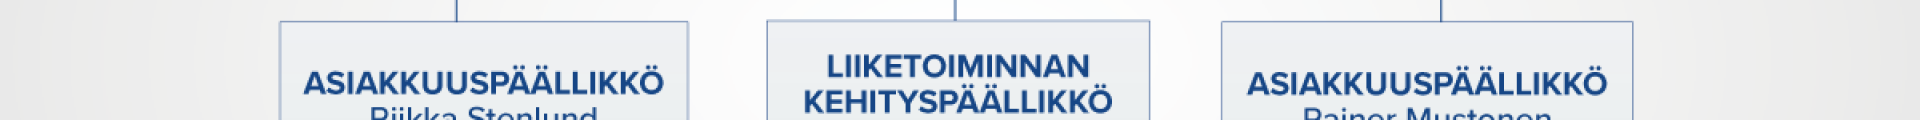 Muutoksia Elektropointin organisaatiossa